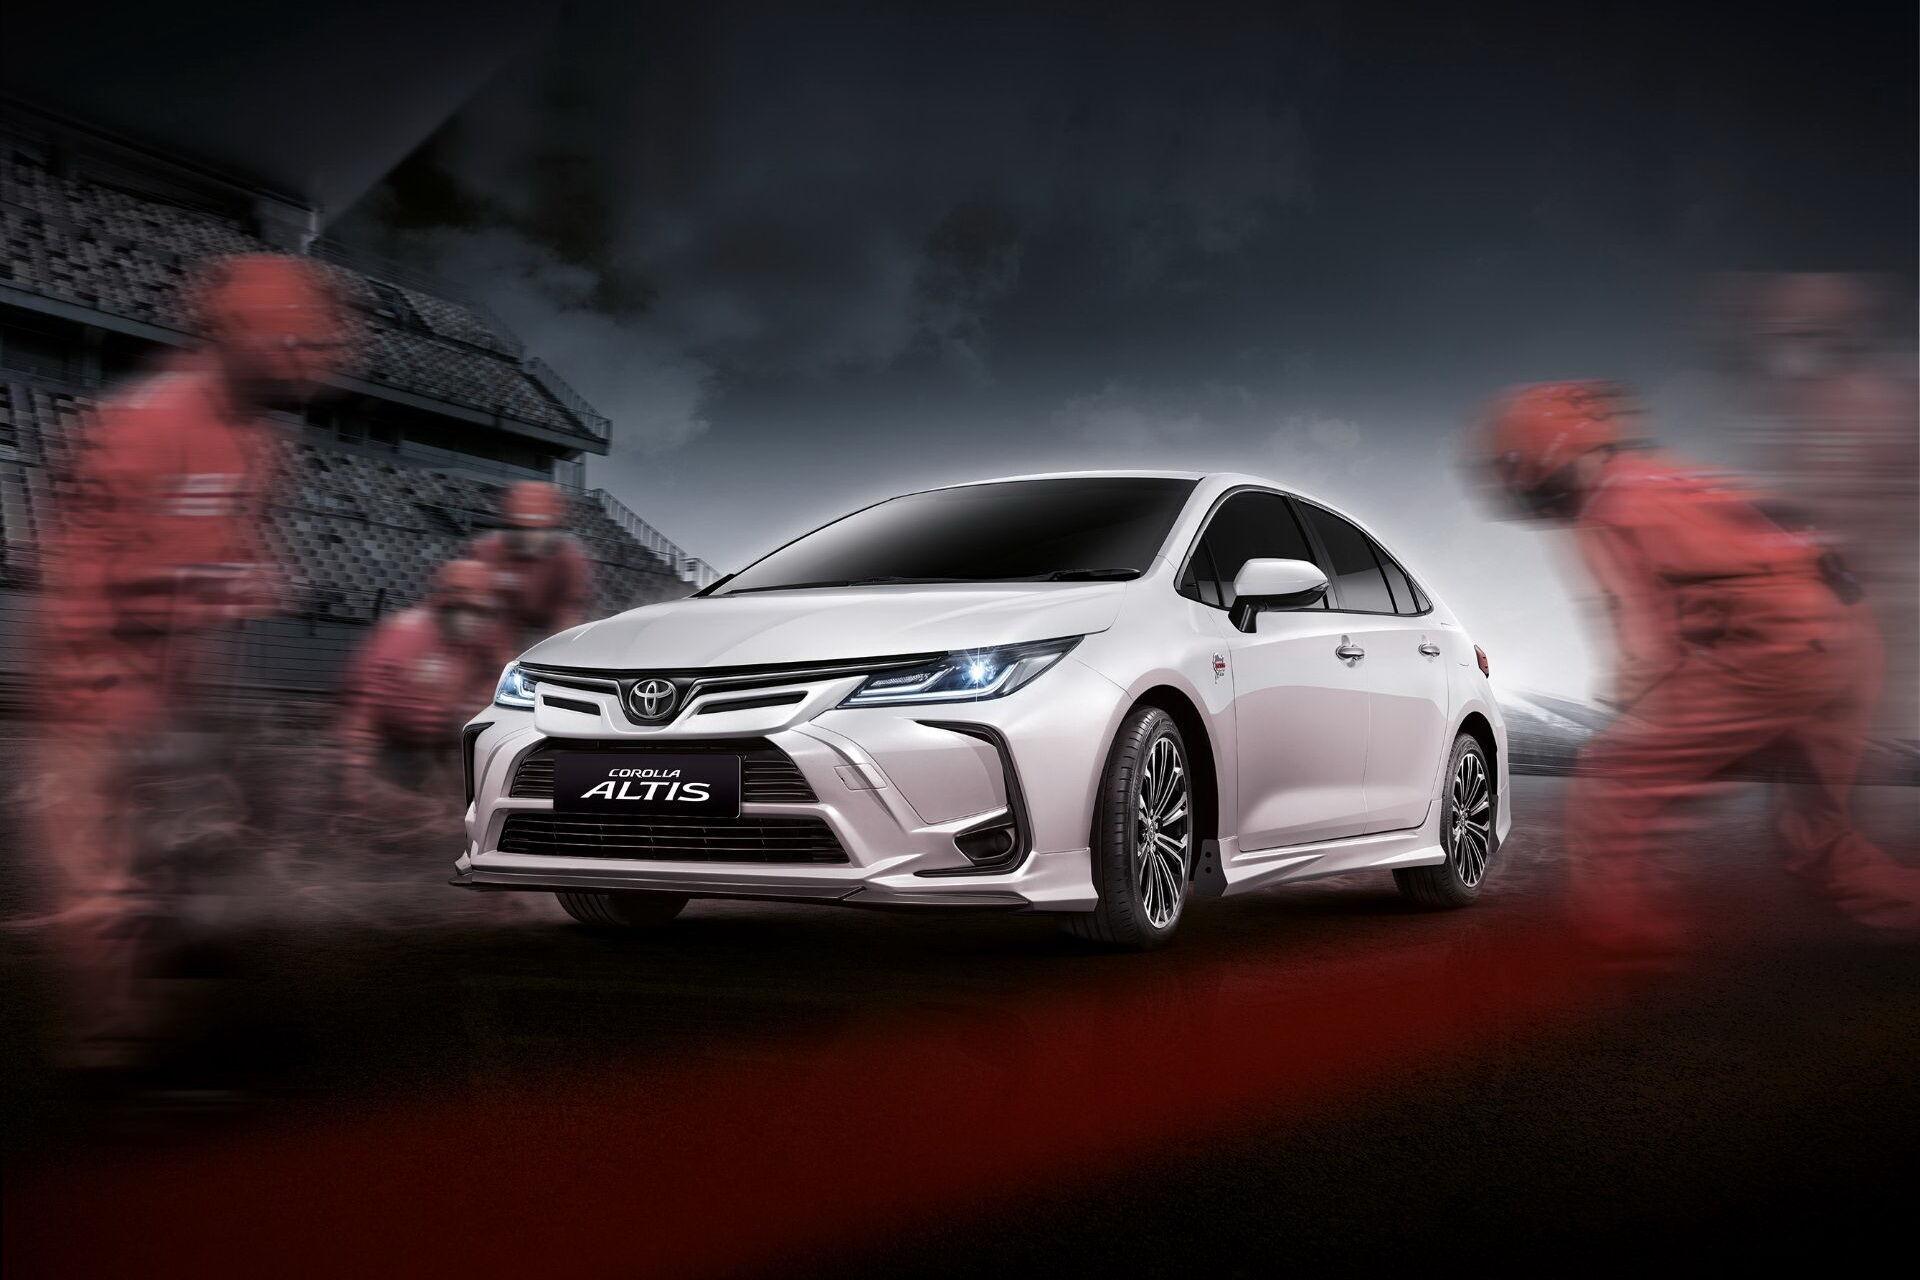 Toyota Corolla Altis Nurburgring